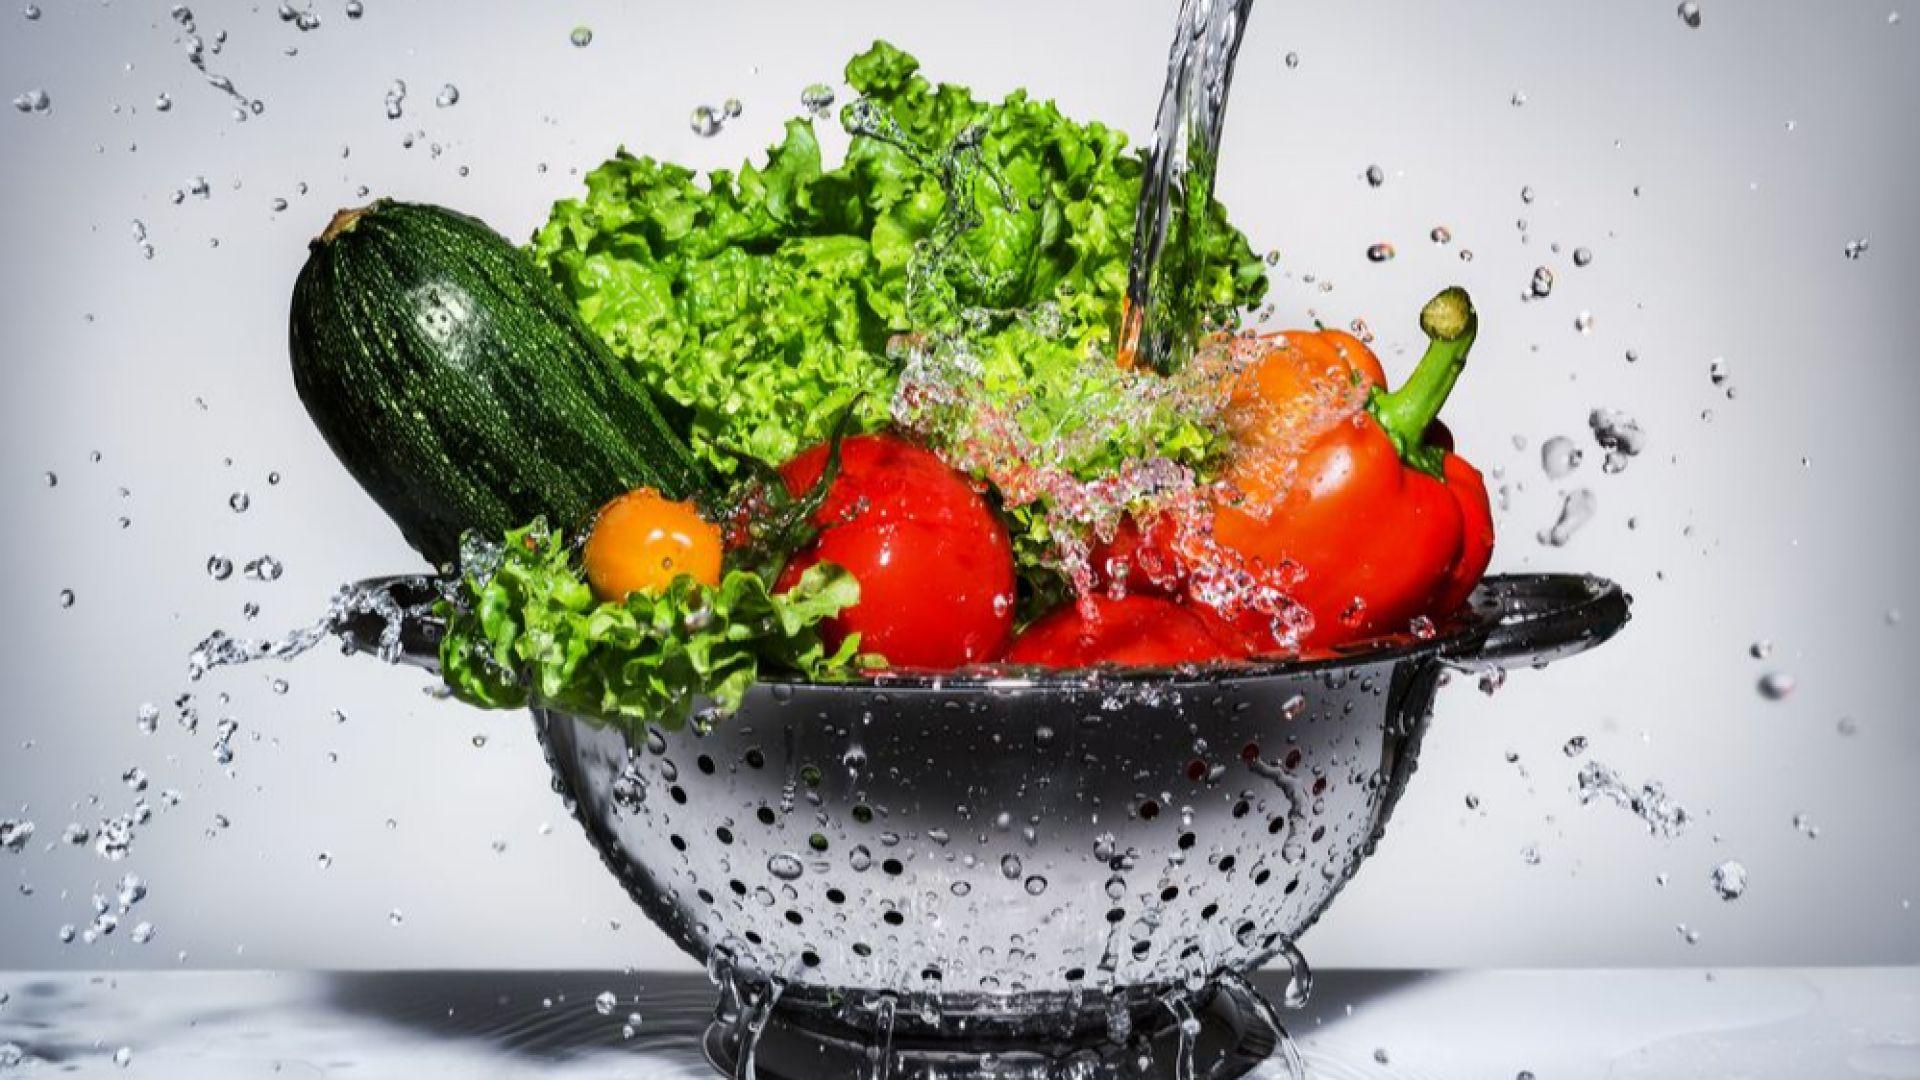 Суровите зеленчуци могат да доведат до понижаване на имунитета